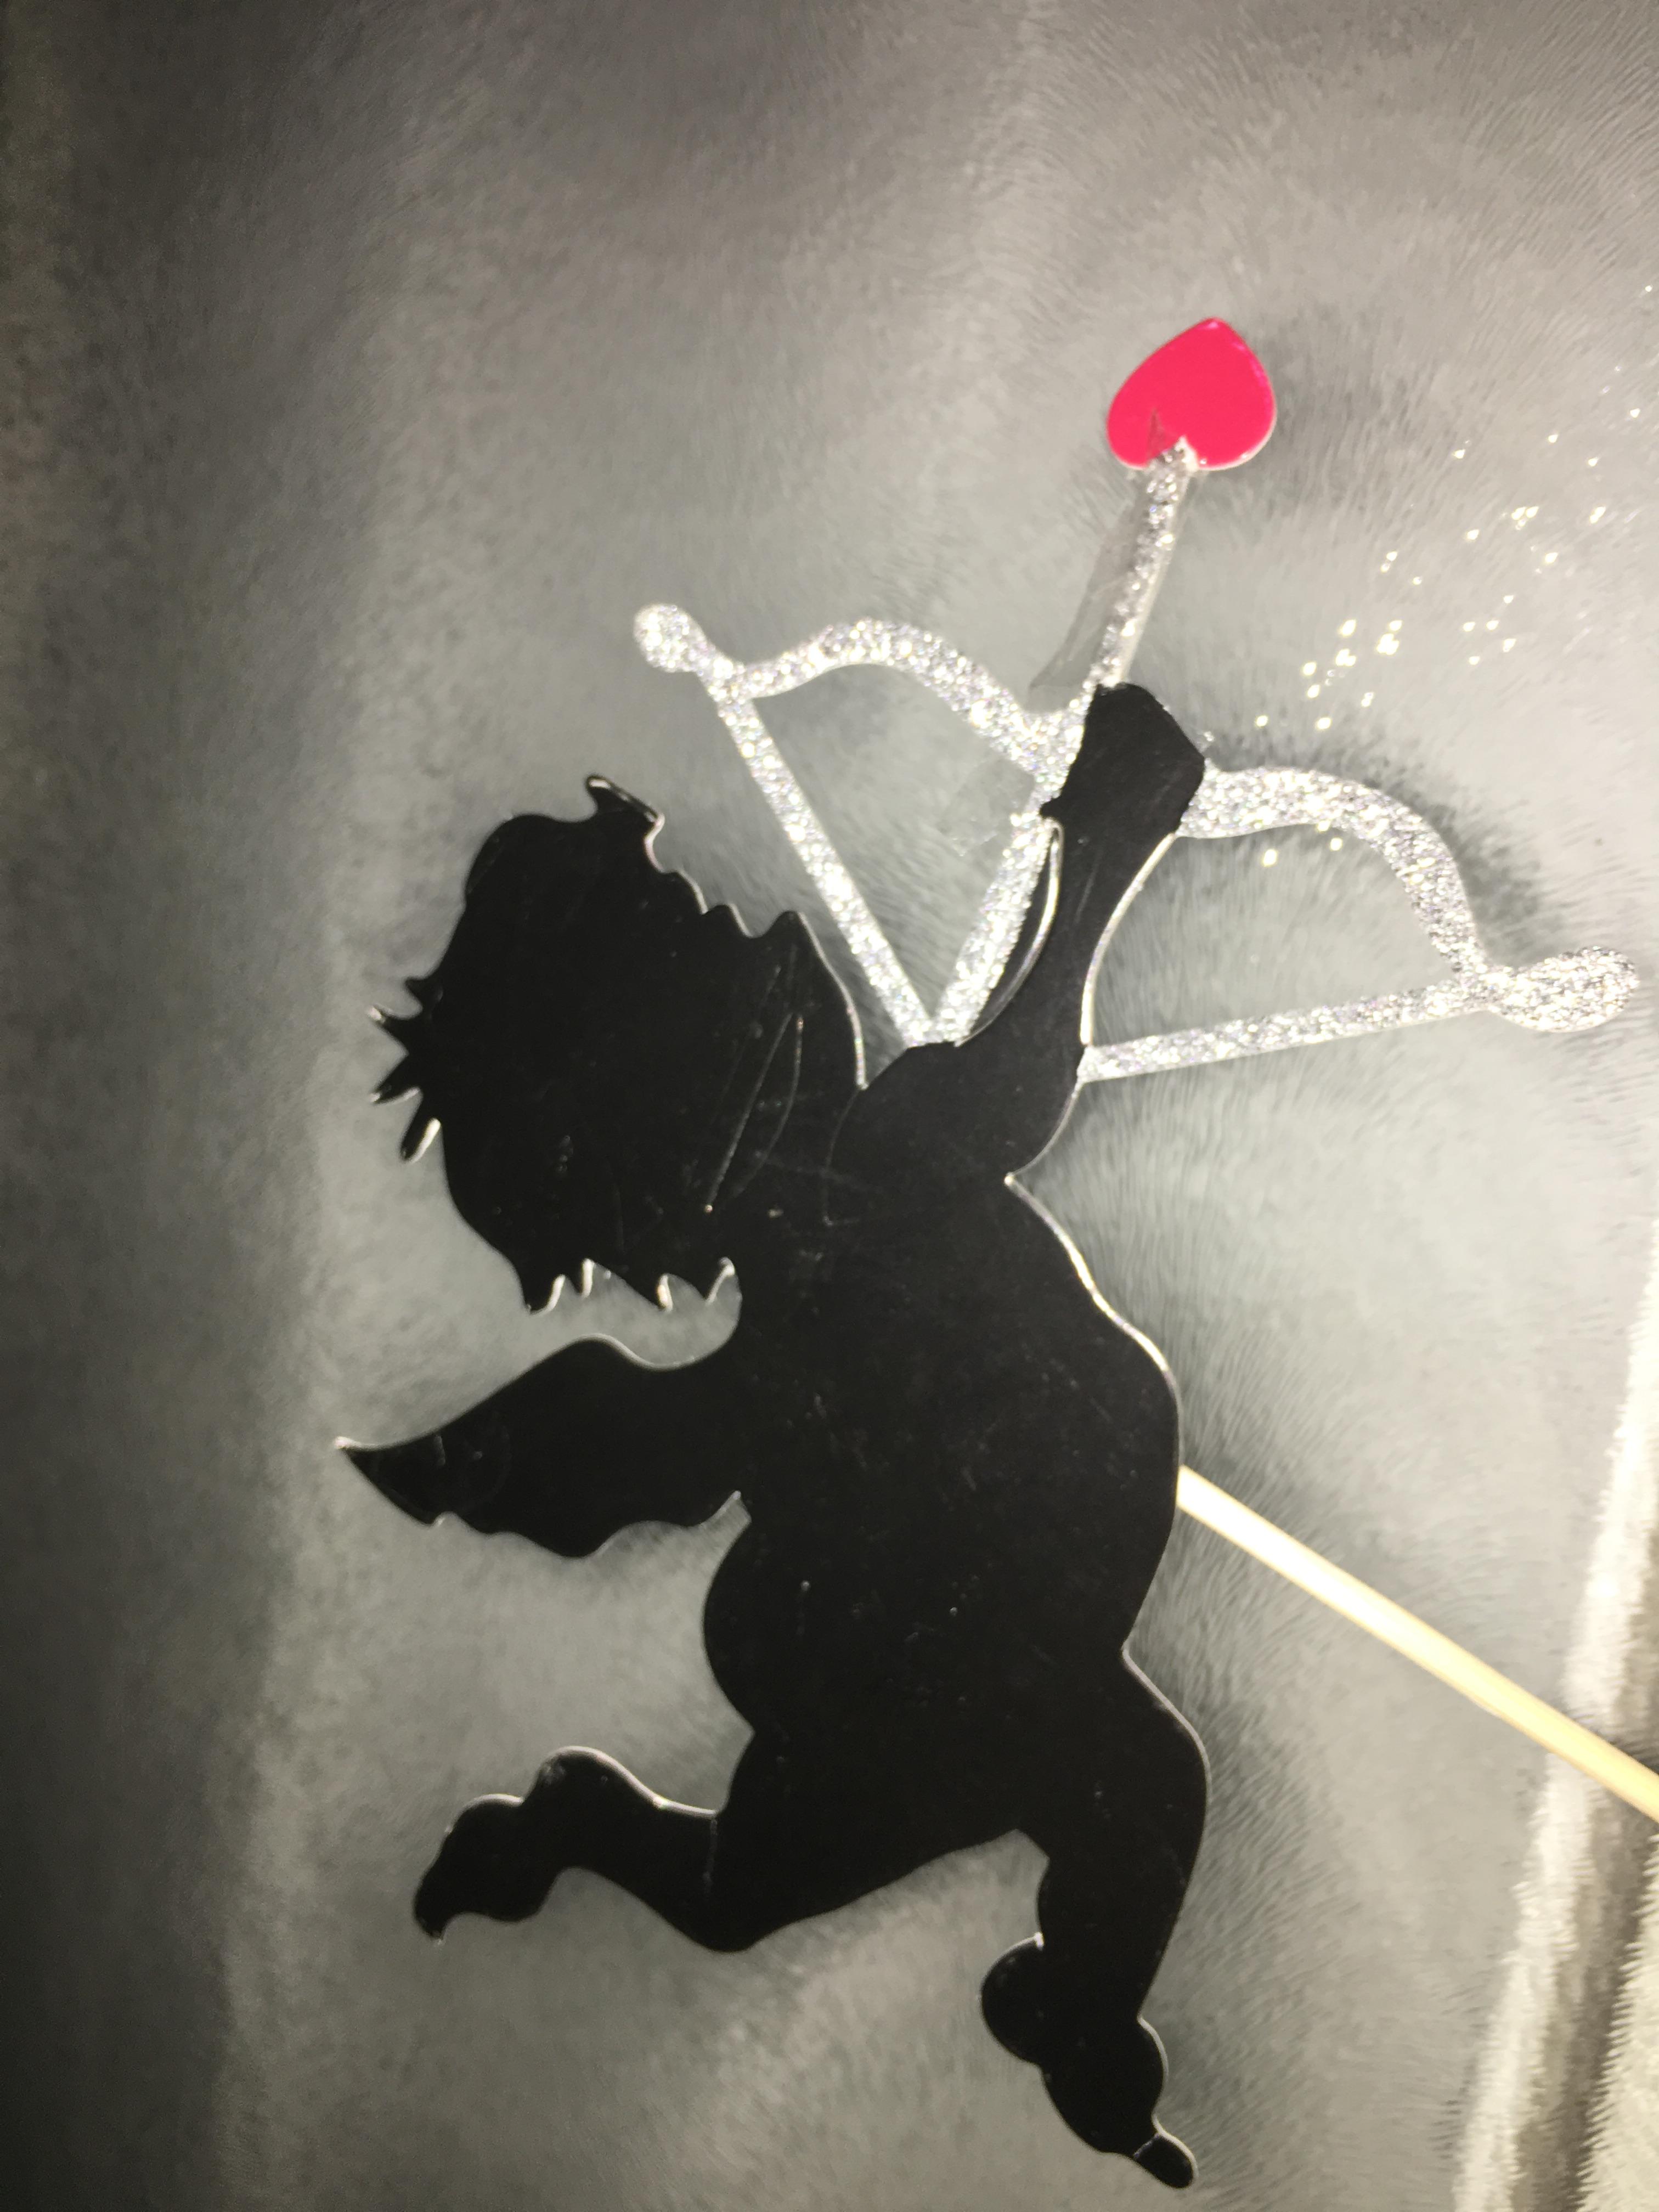 בדרך מתשרי לאלול by Shulamit Sapir-Nevo - Illustrated by שולמית ספיר-נבו - Ourboox.com